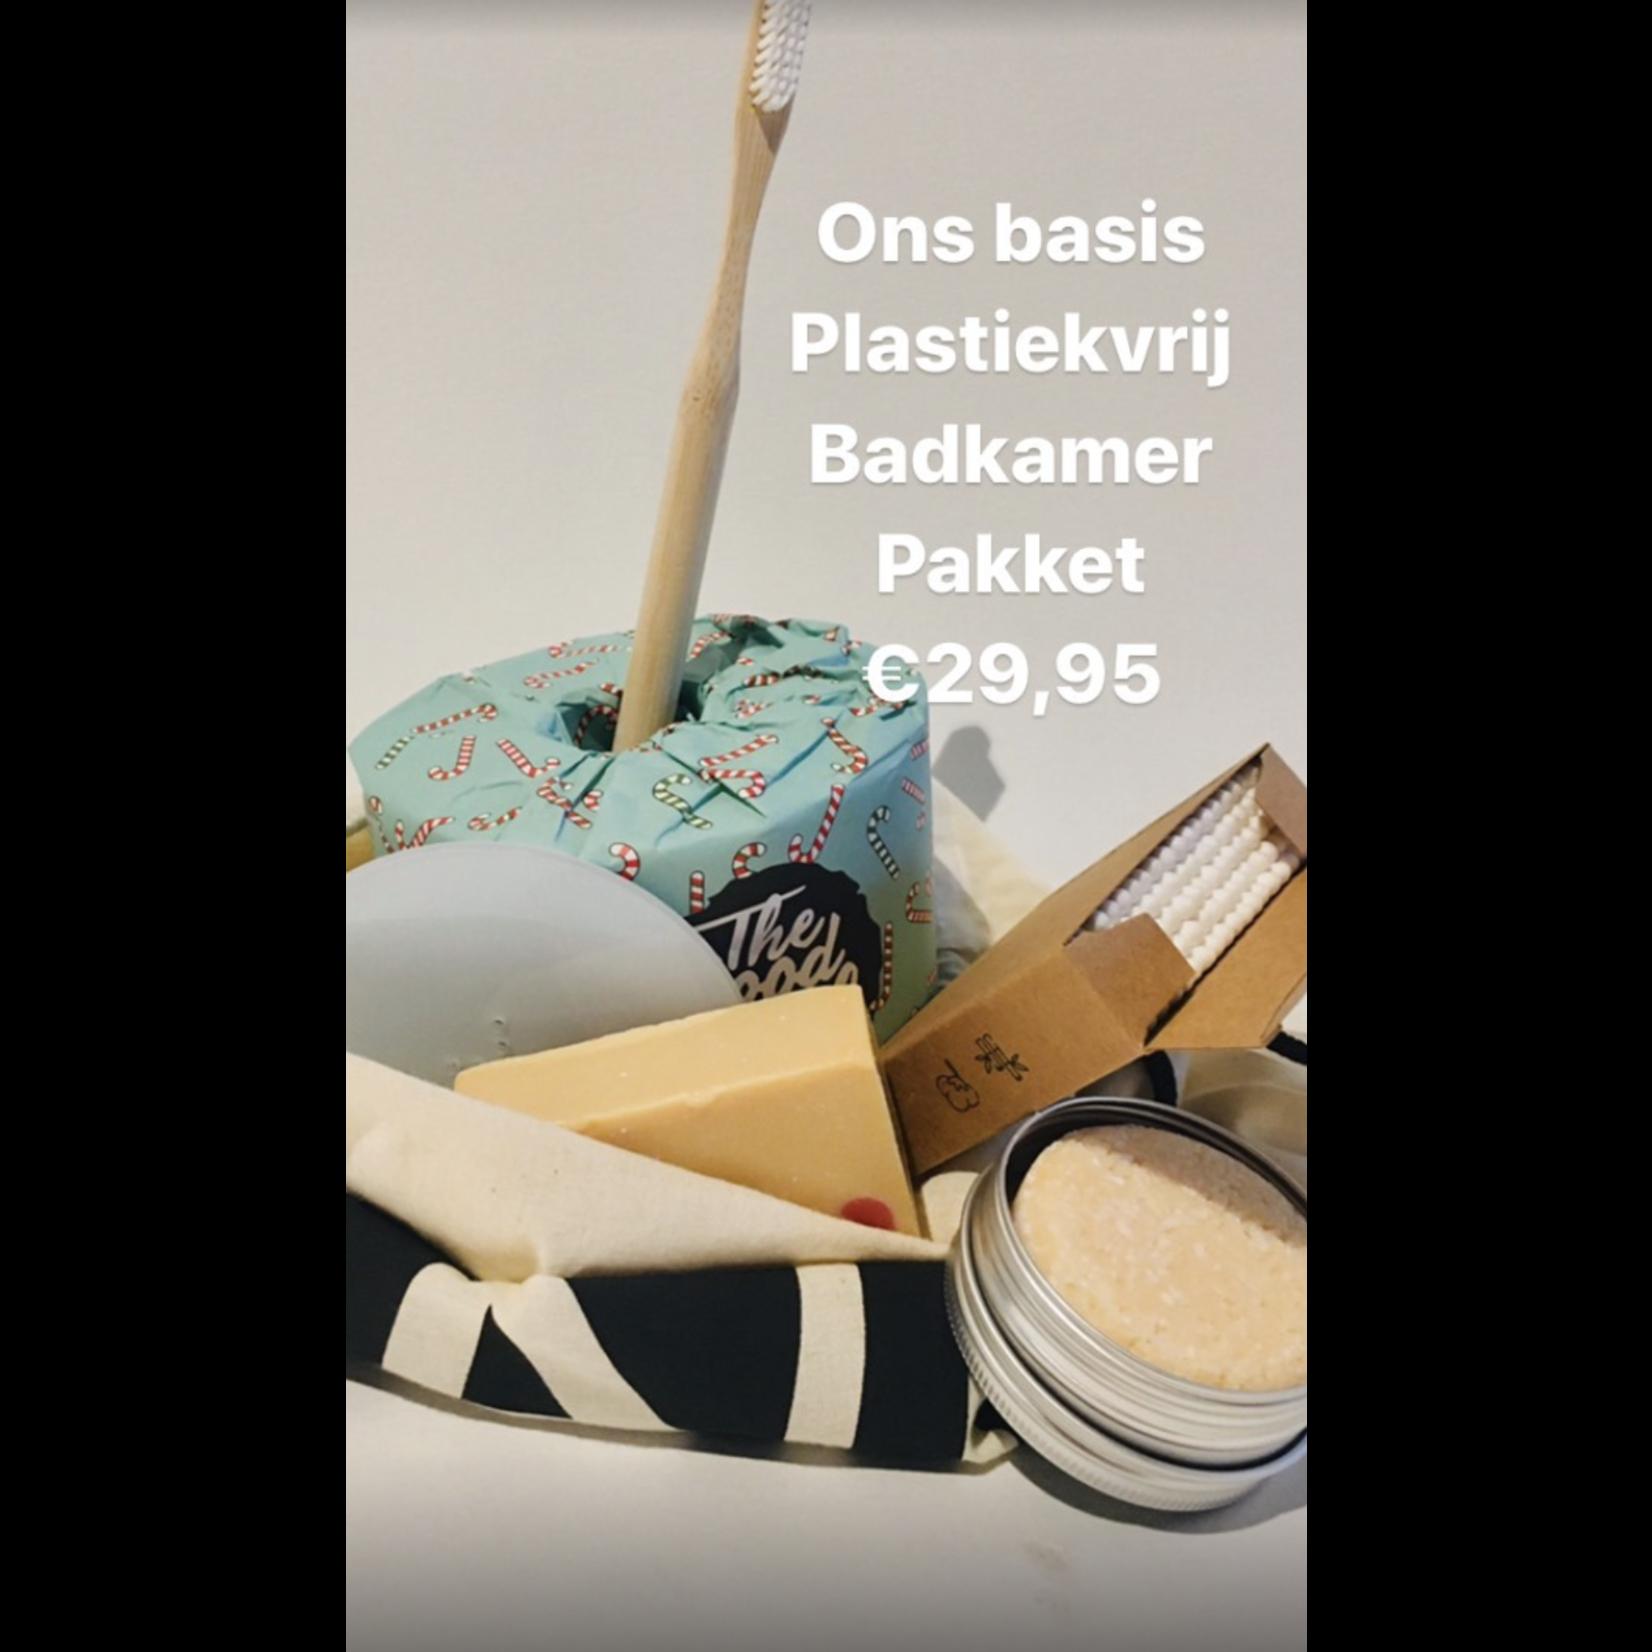 Het 'plastiekvrije badkamer' pakket